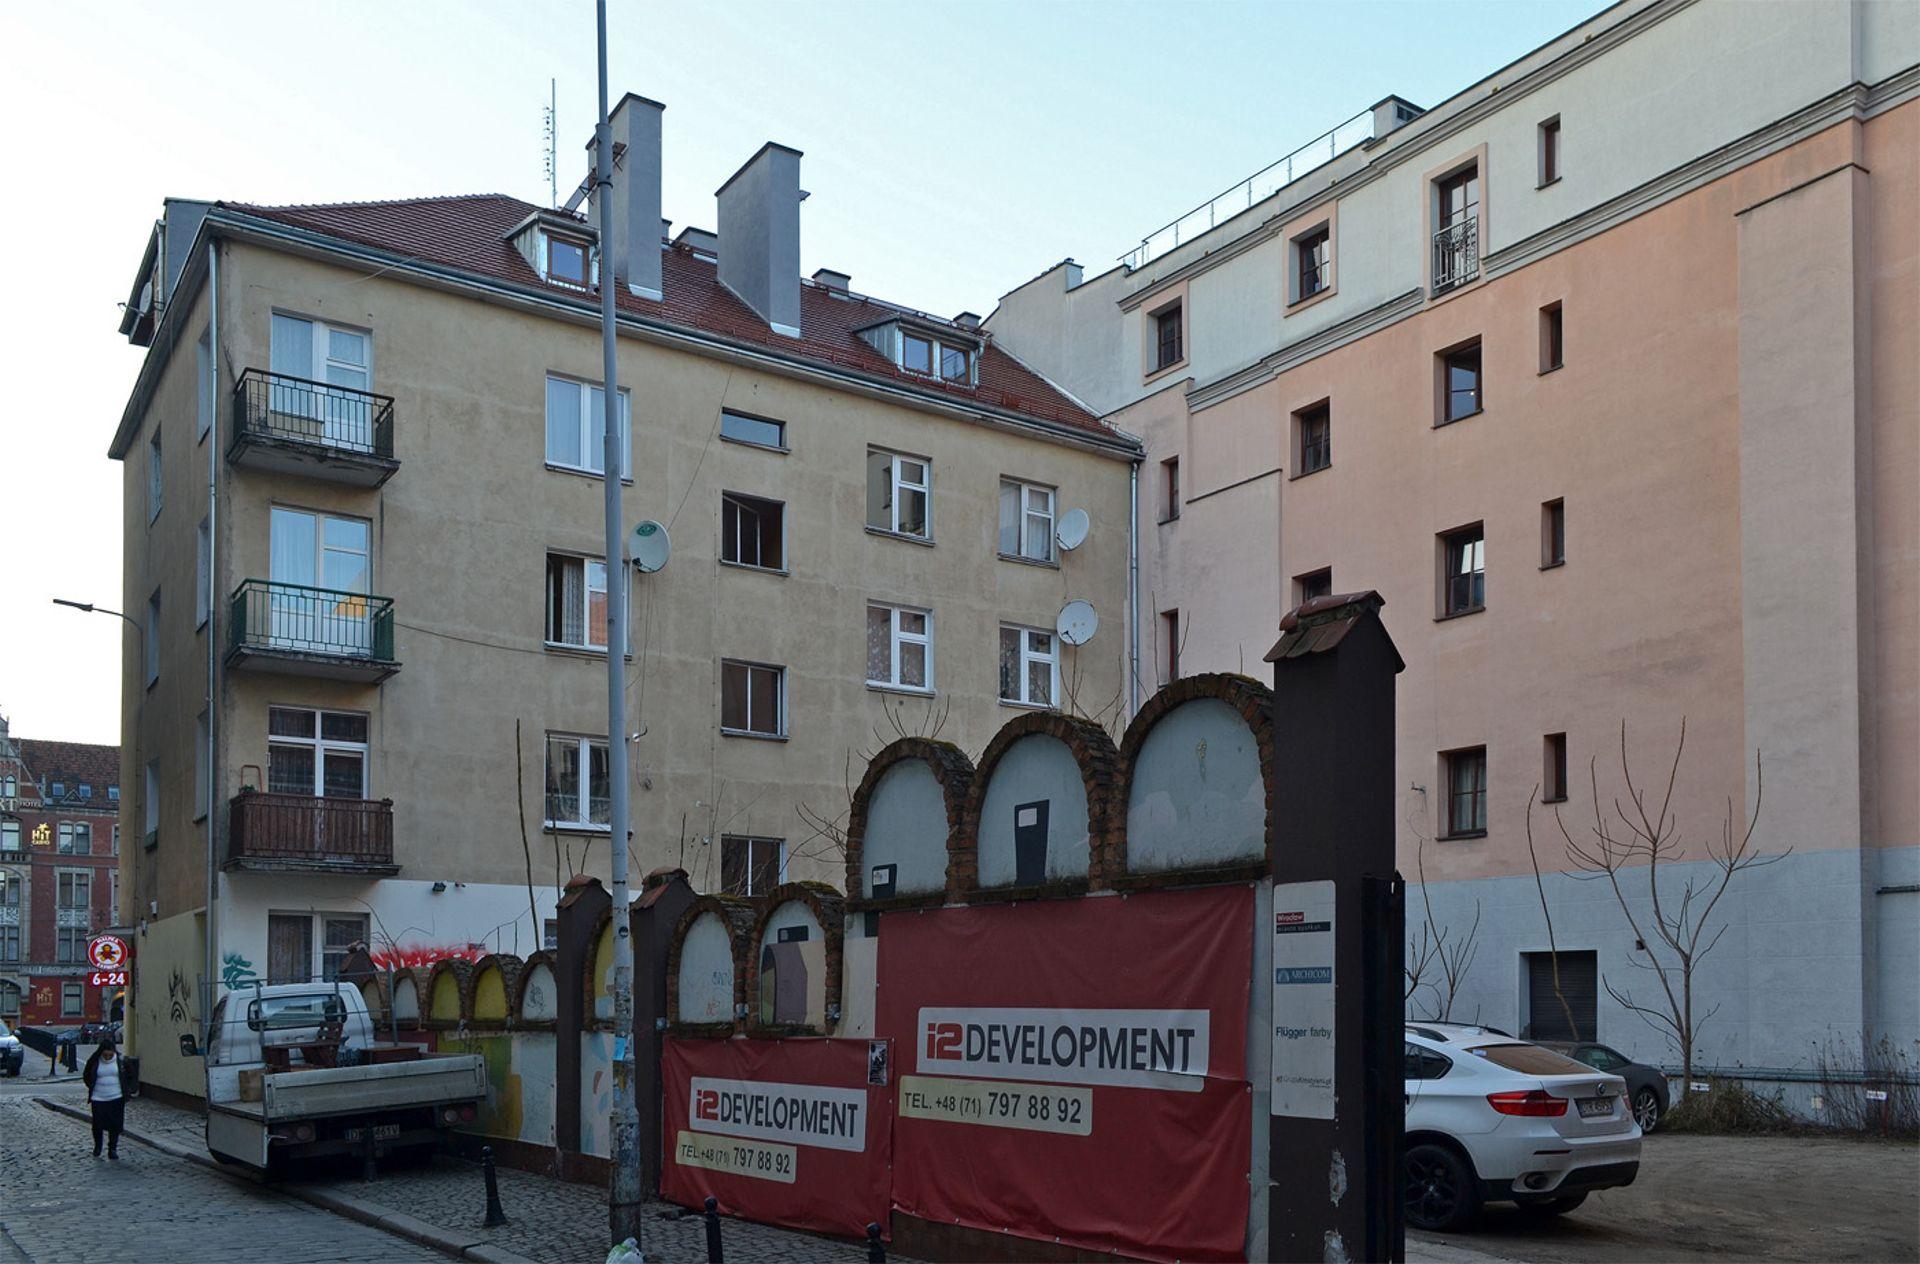 Wrocław: I2 Development wreszcie ruszy z budową apartamentów przy Rynku